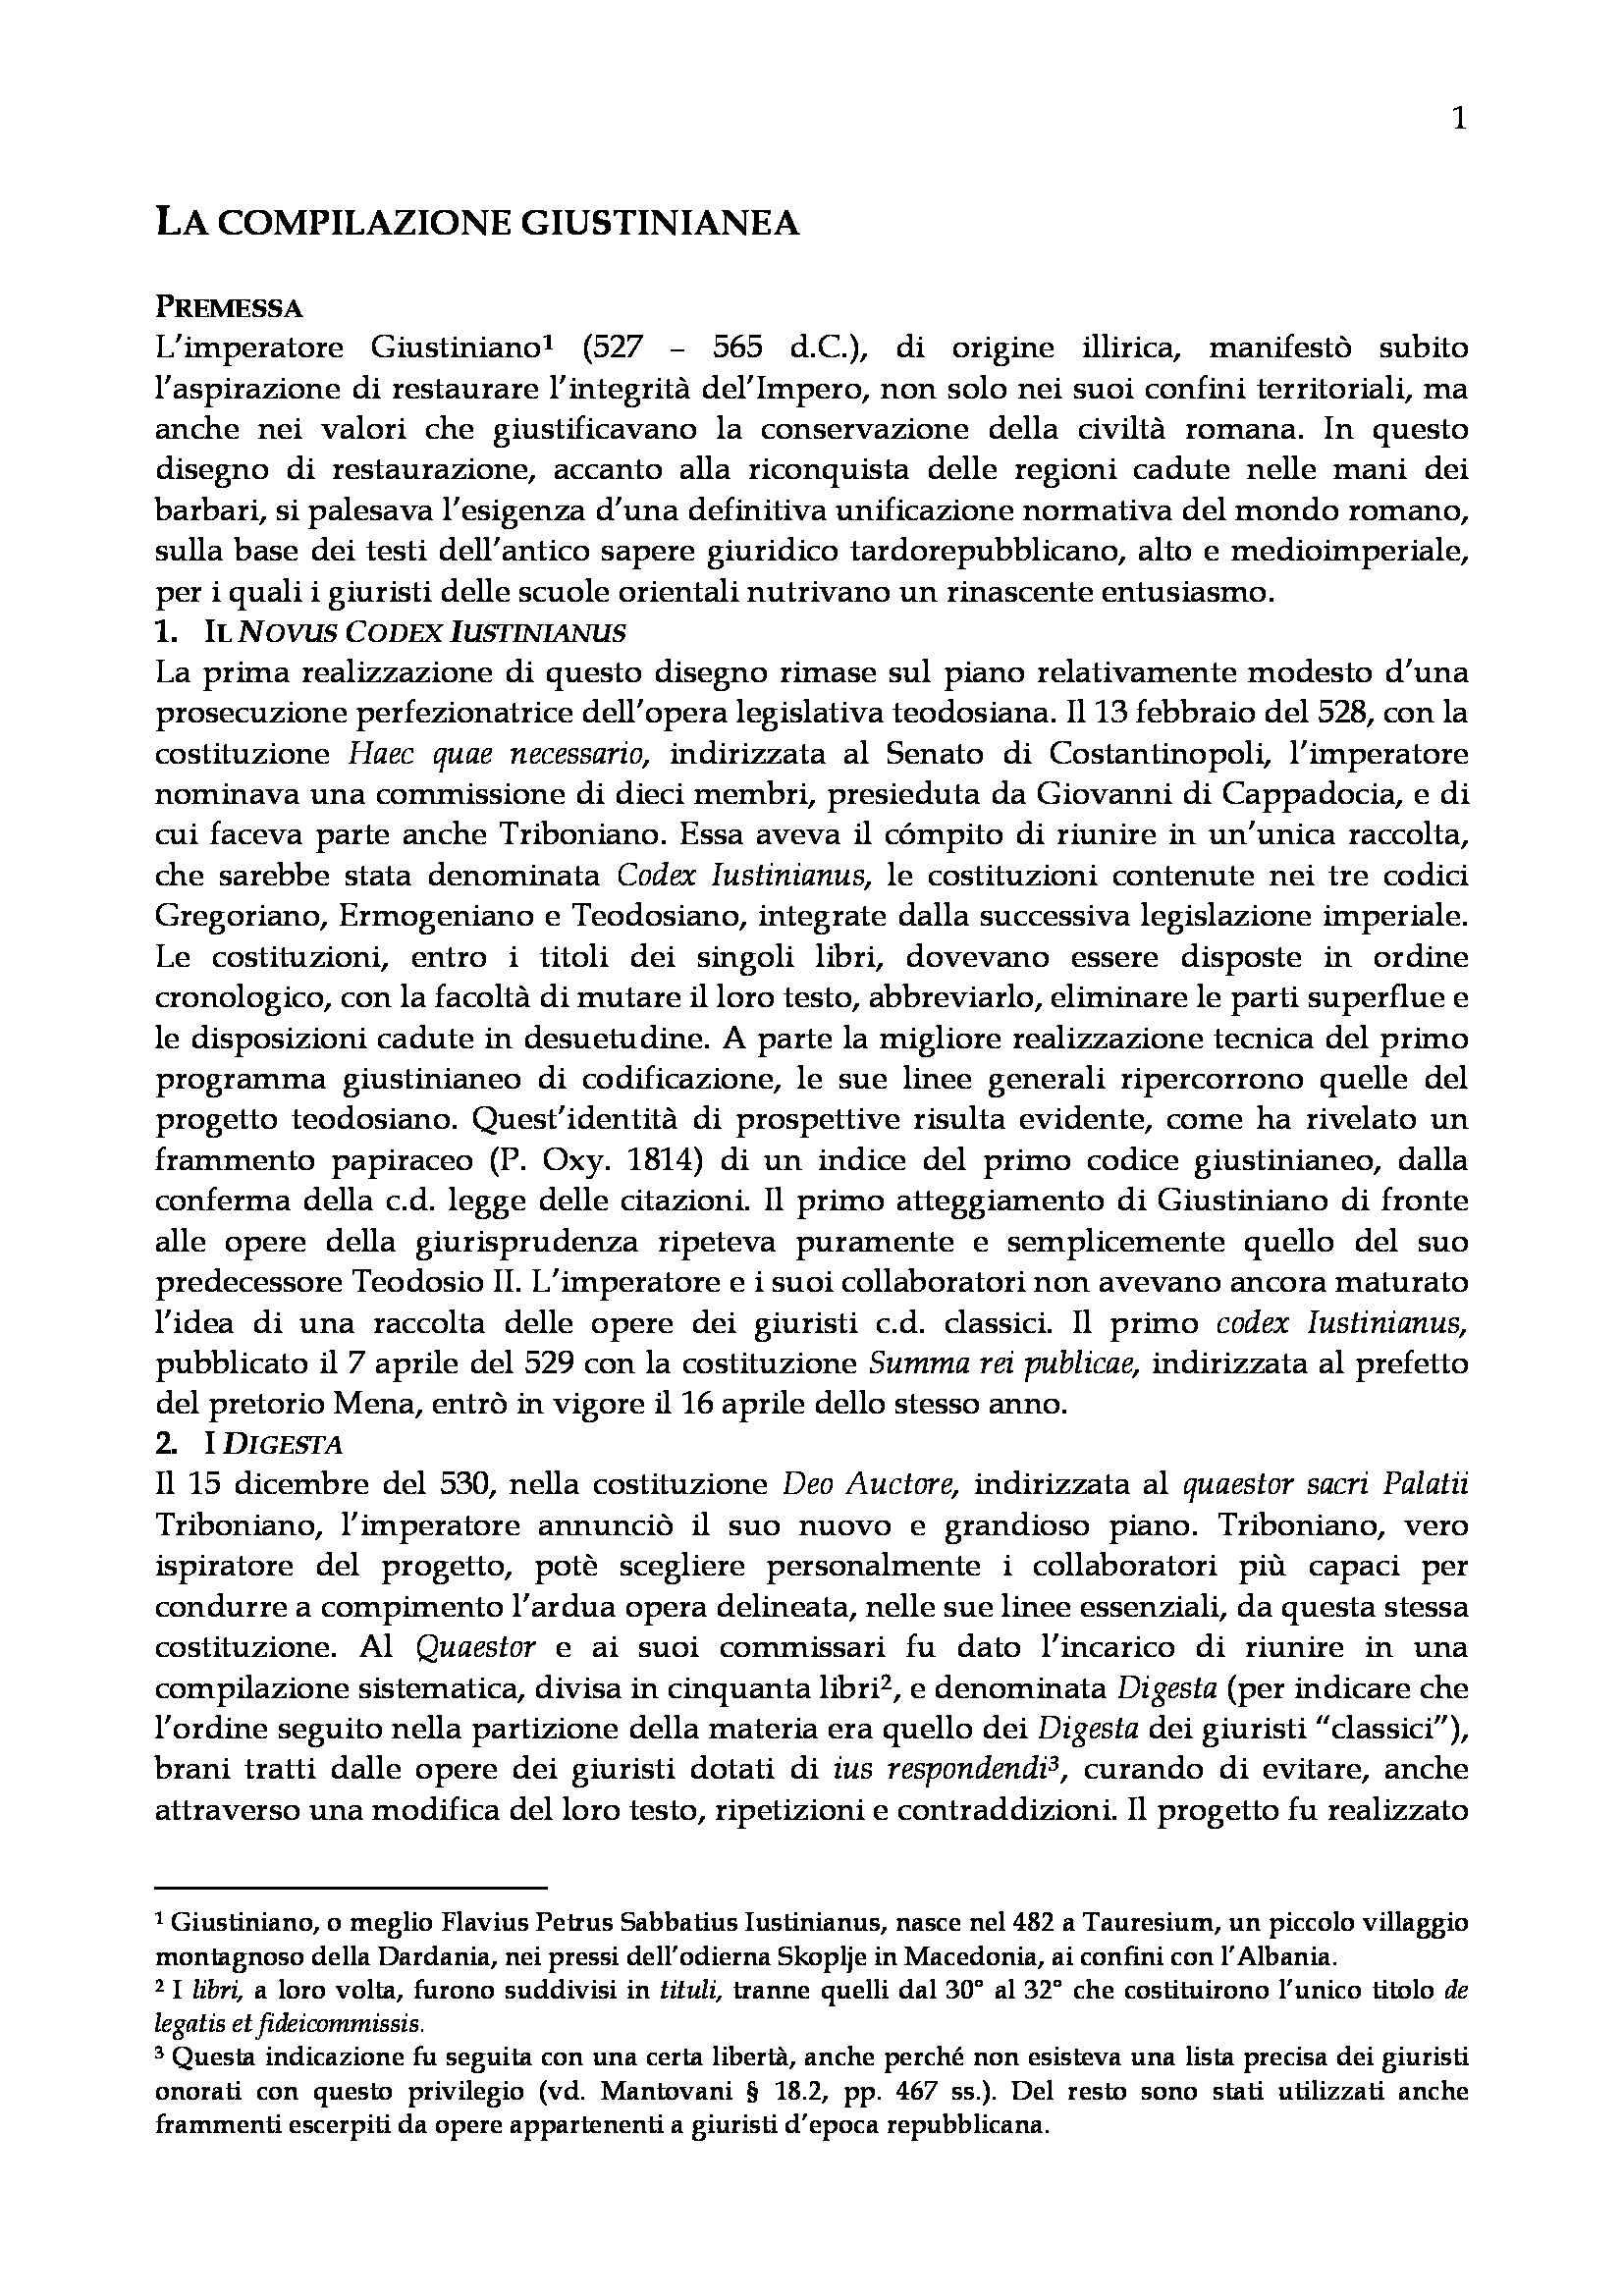 Storia del diritto romano - la Compilazione giustinianea